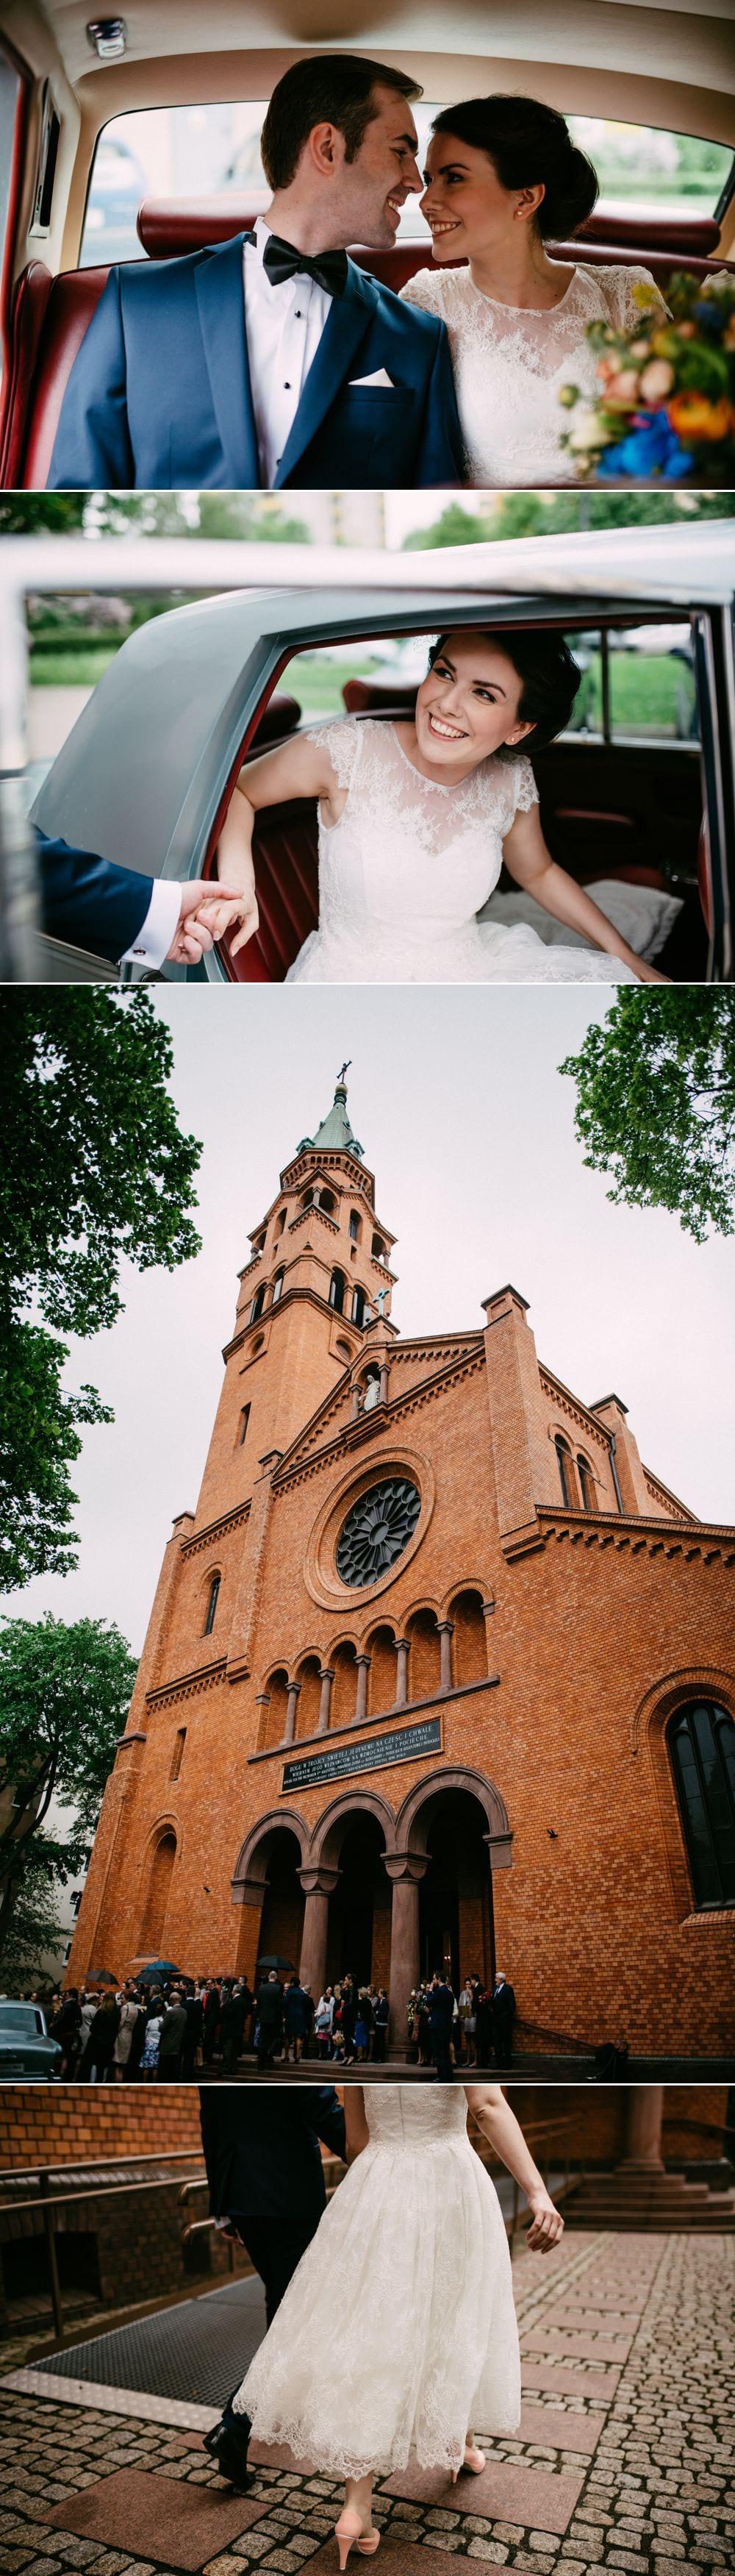 Agnieszka Piotr fotograf ślubny Marifoto